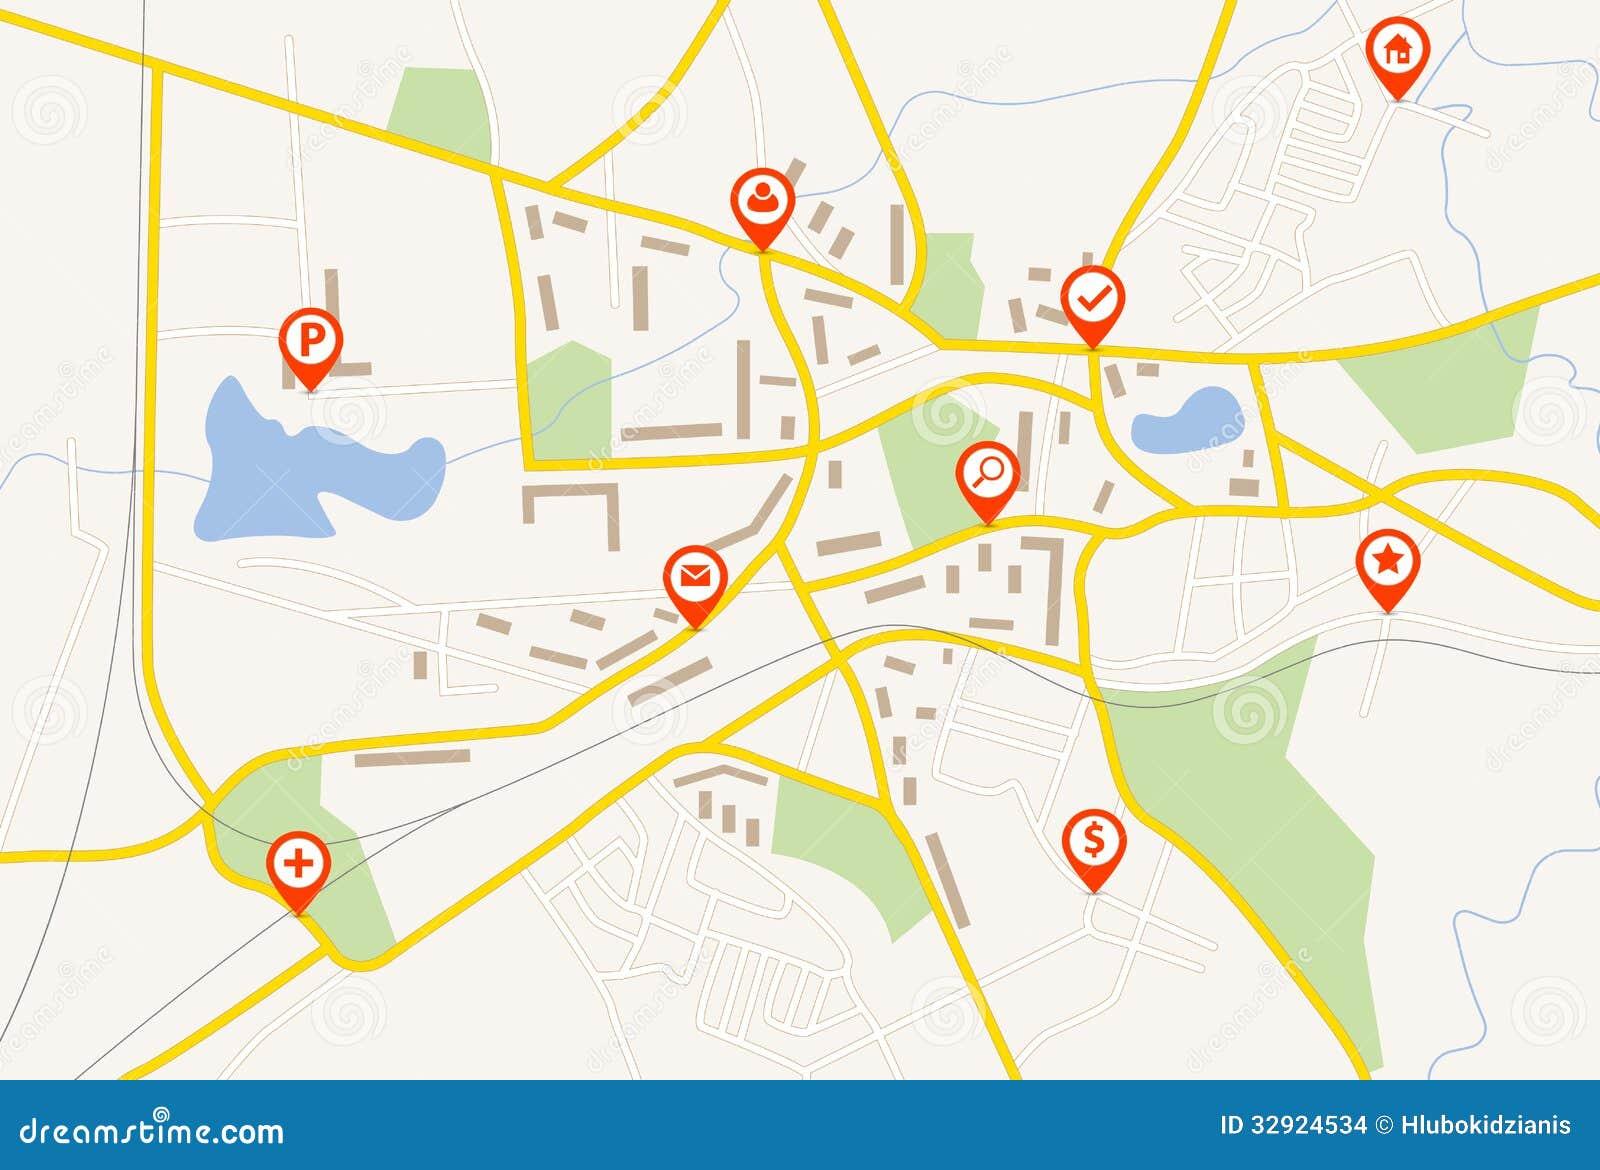 Karte mit roten Stiftzeigern